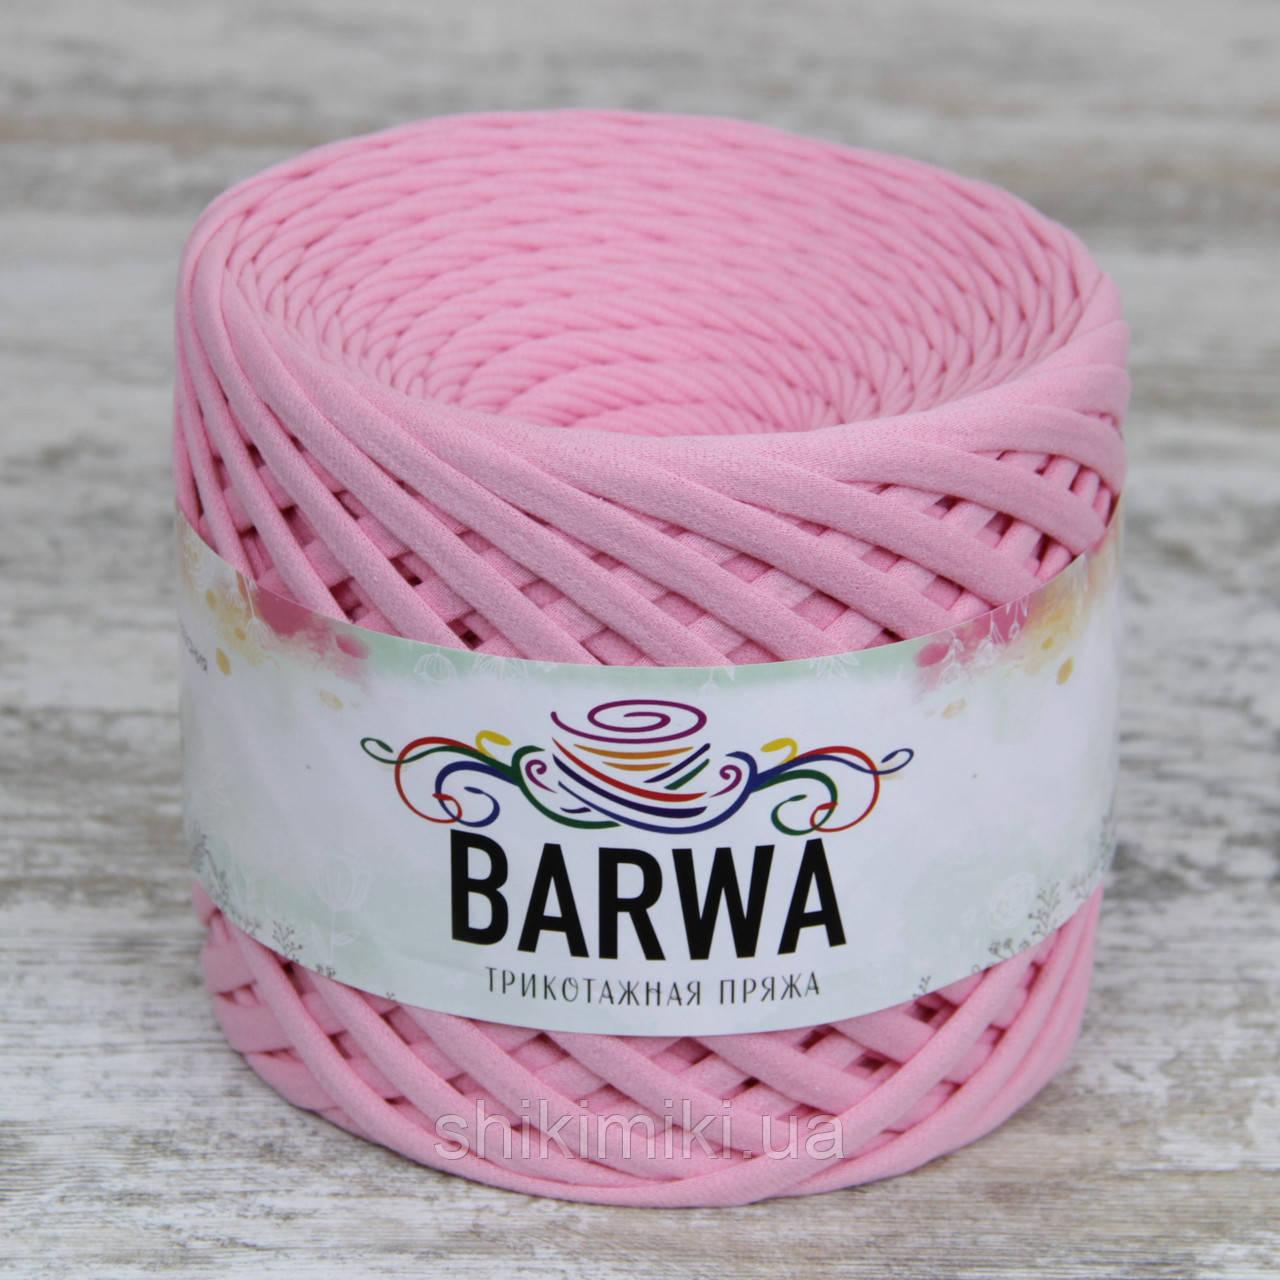 Трикотажная пряжа Barwa (7-9 мм), цвет Клубничный мусс